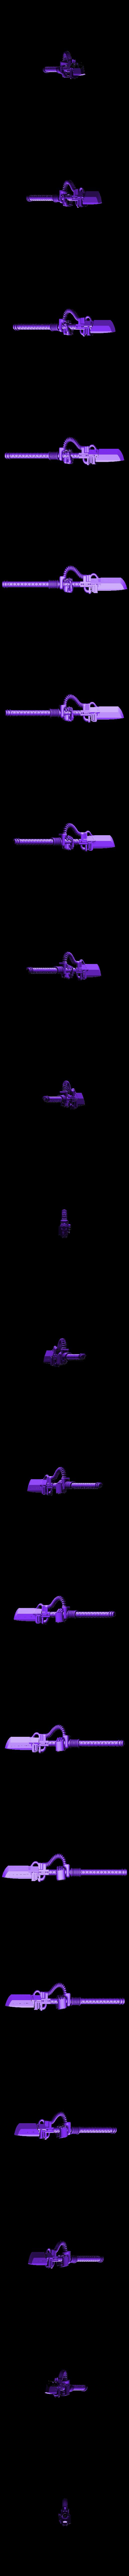 Halberd R.stl Télécharger fichier STL gratuit L'équipe des Chevaliers gris Primaris • Modèle pour imprimante 3D, joeldawson93